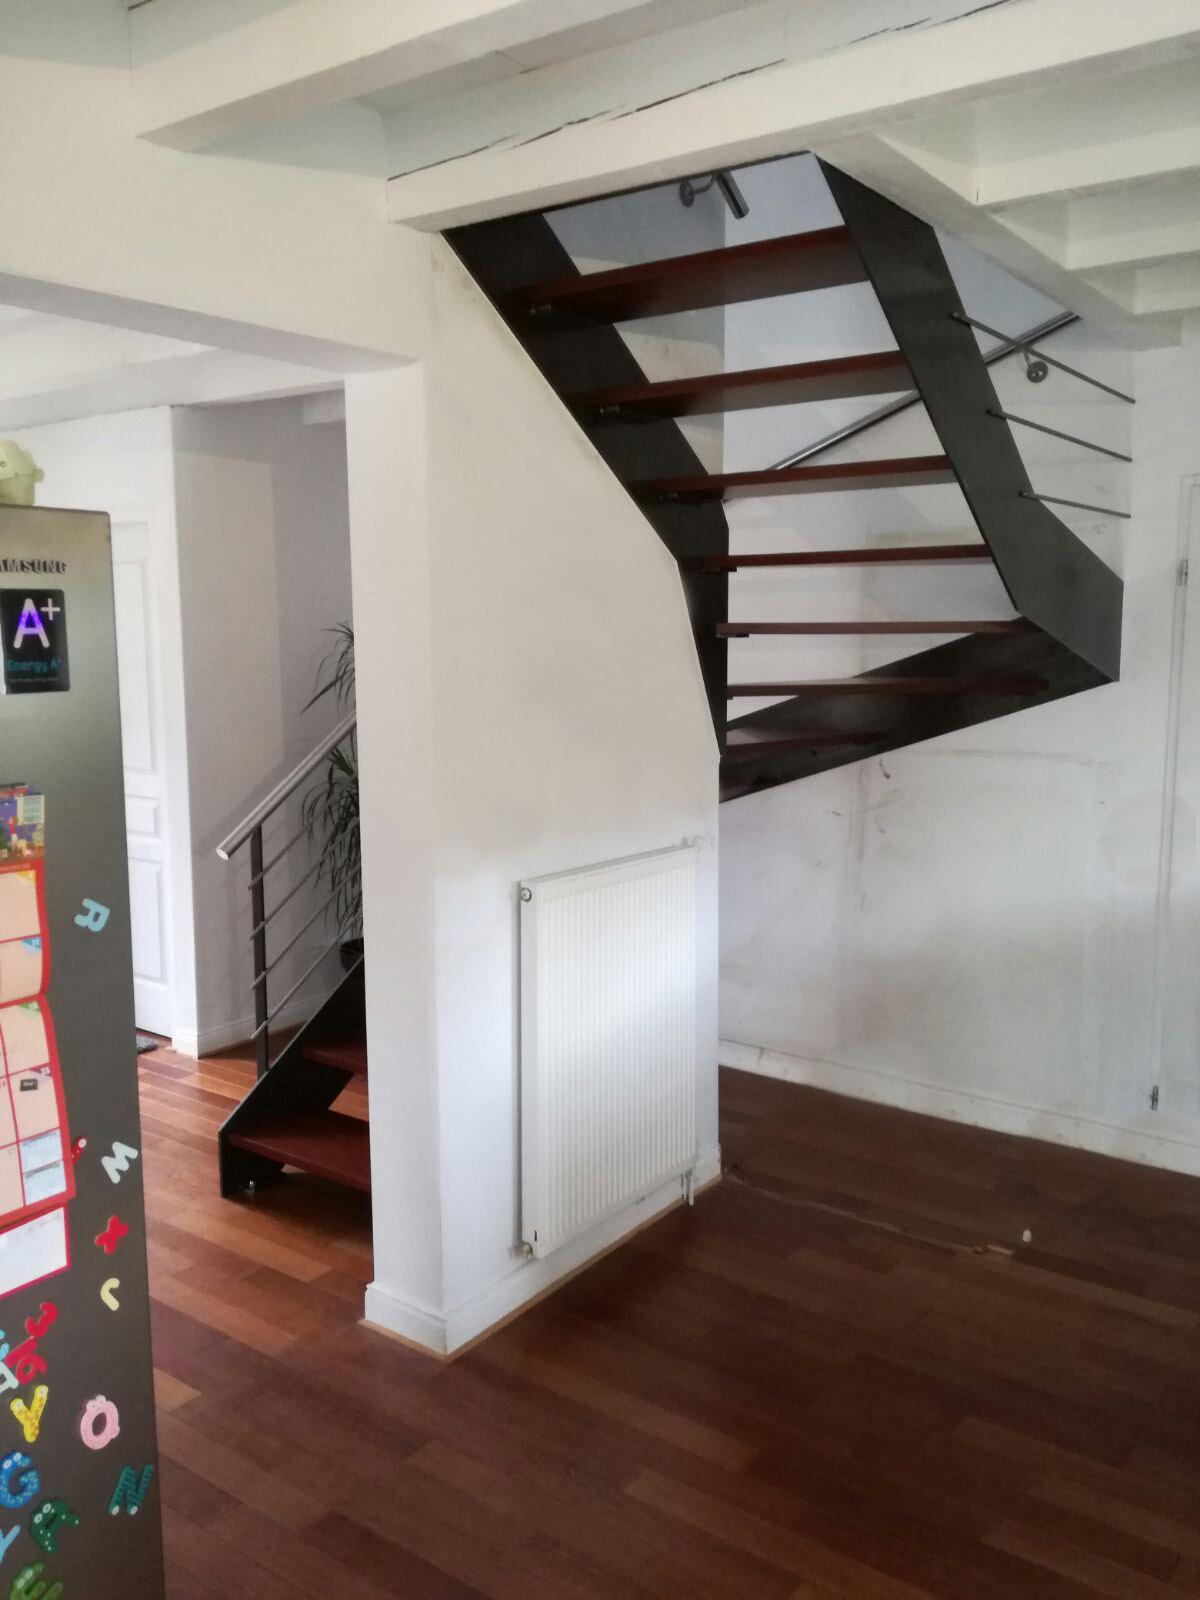 Proyecto de 25 escaleras en bayona acabado de forja con for Aprovechar hueco escalera duplex